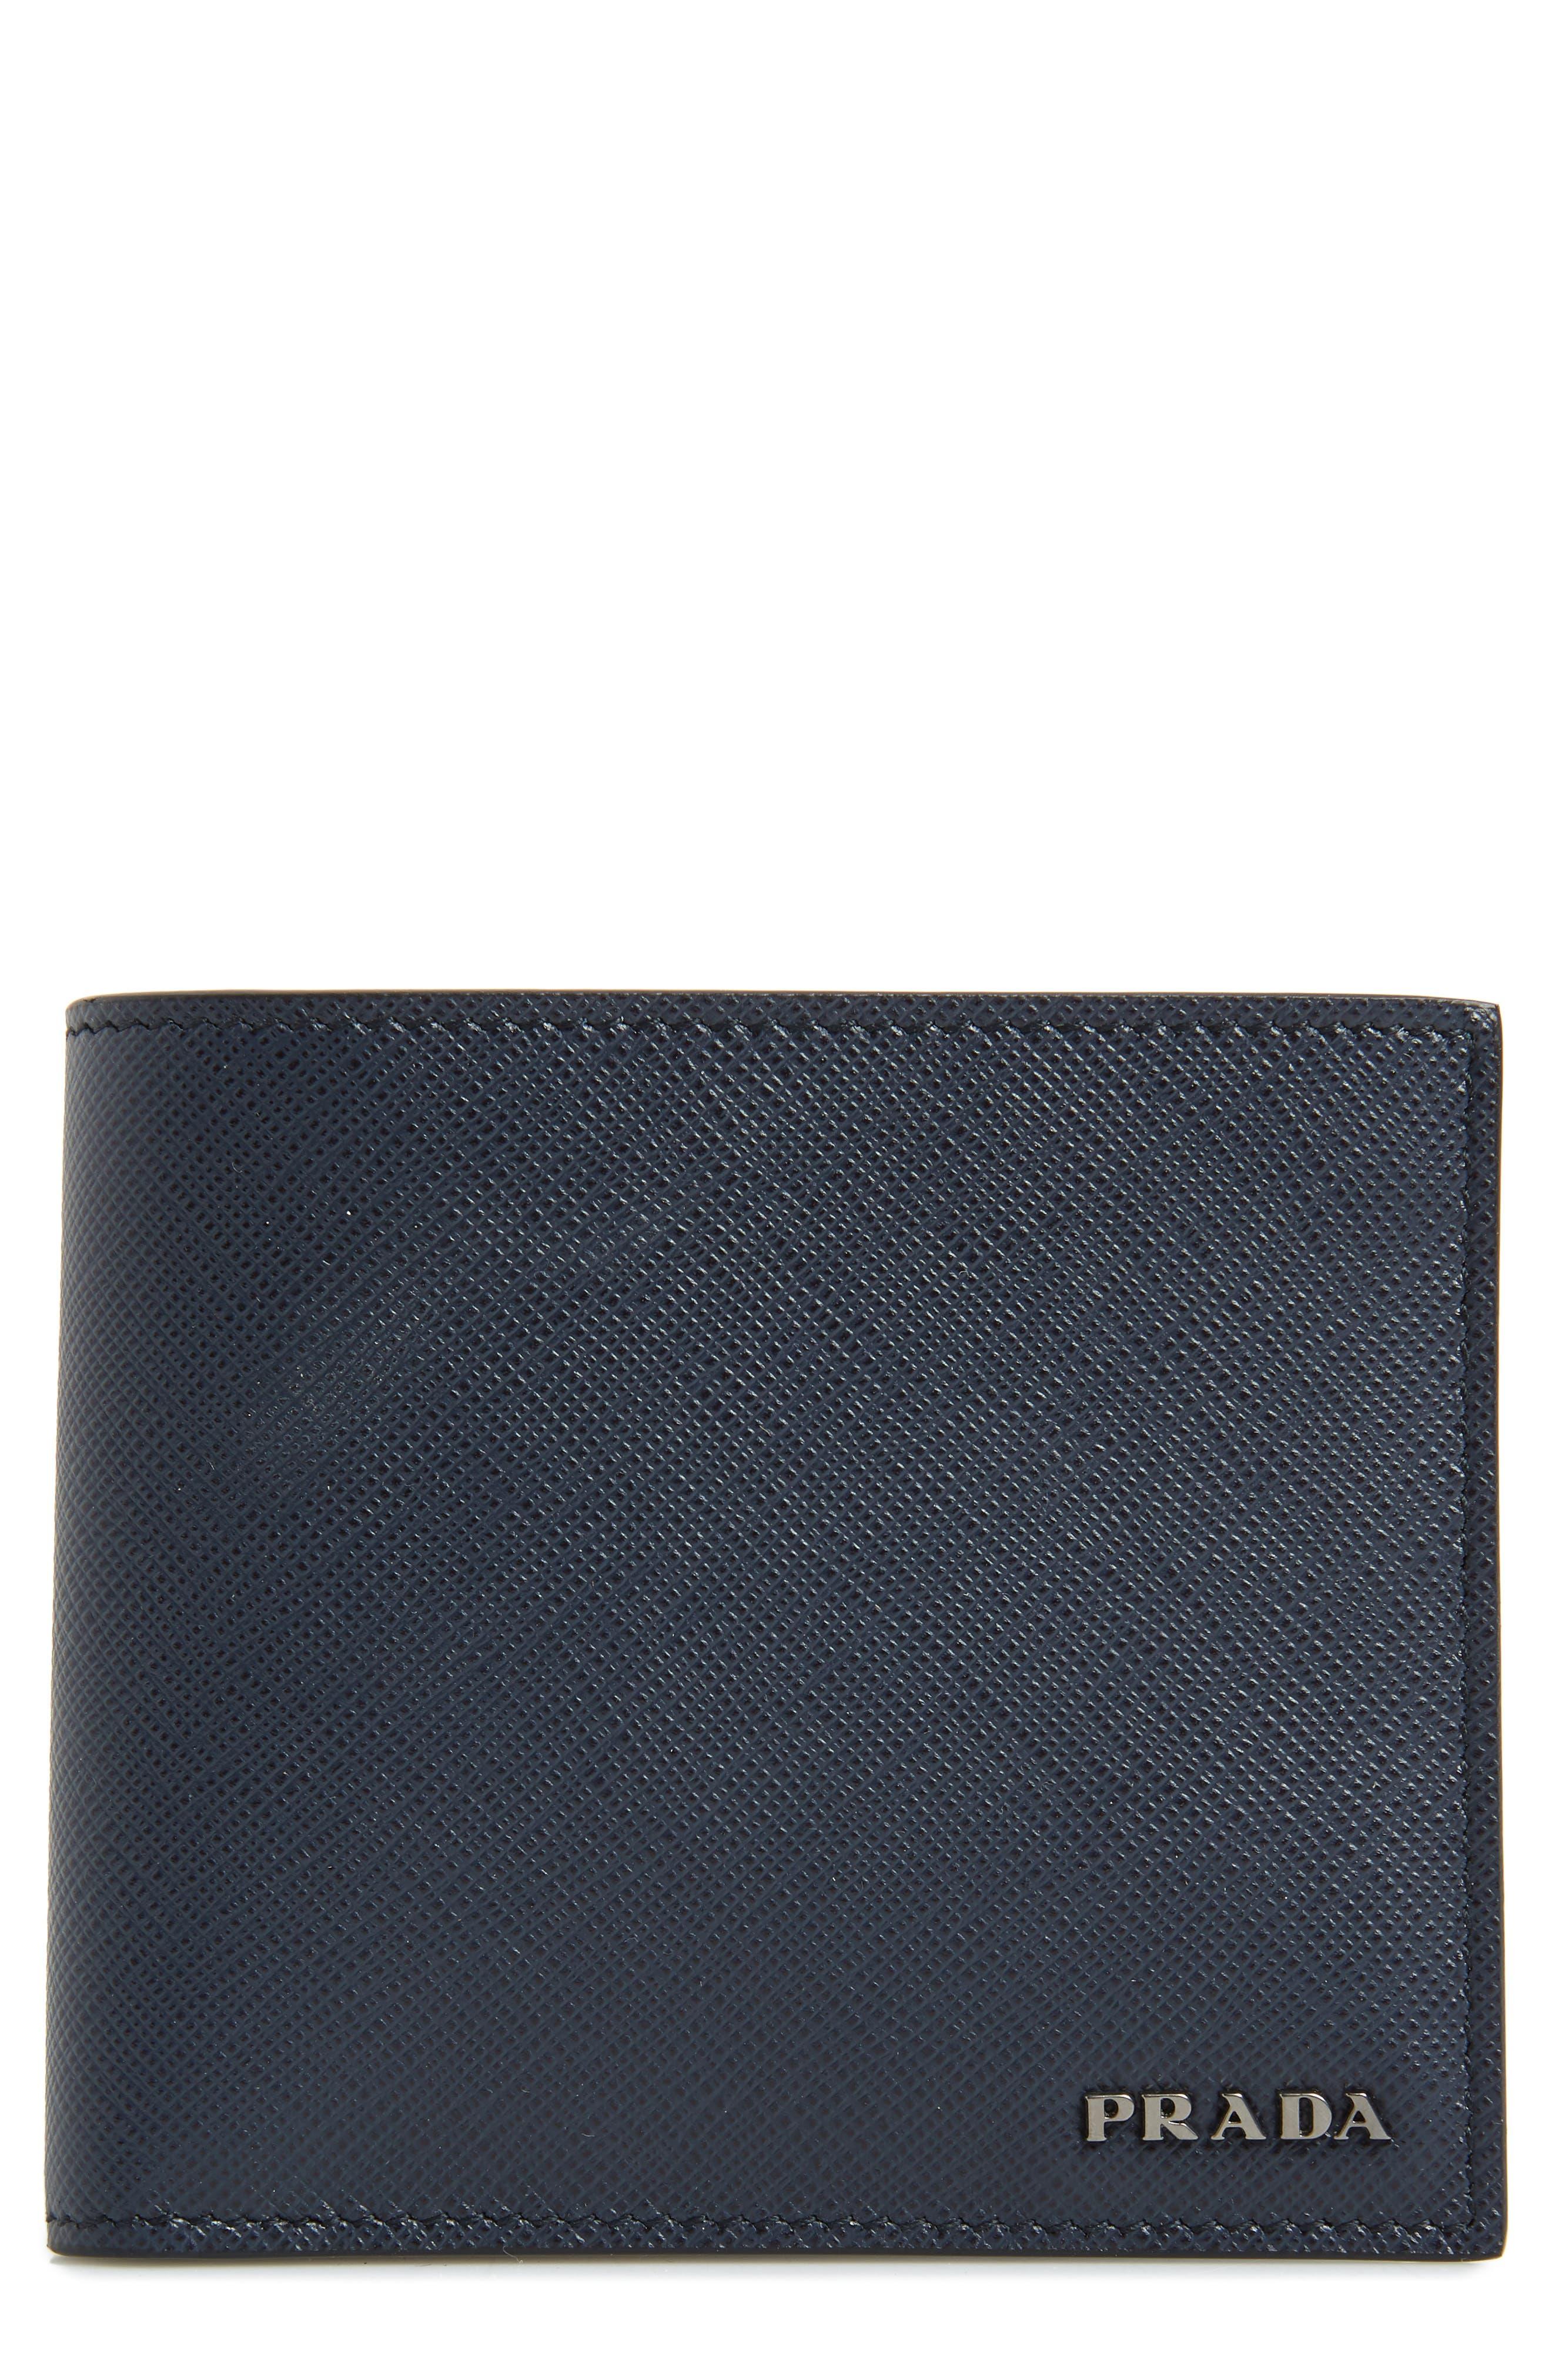 Bicolor Leather Wallet,                             Main thumbnail 1, color,                             BLUE